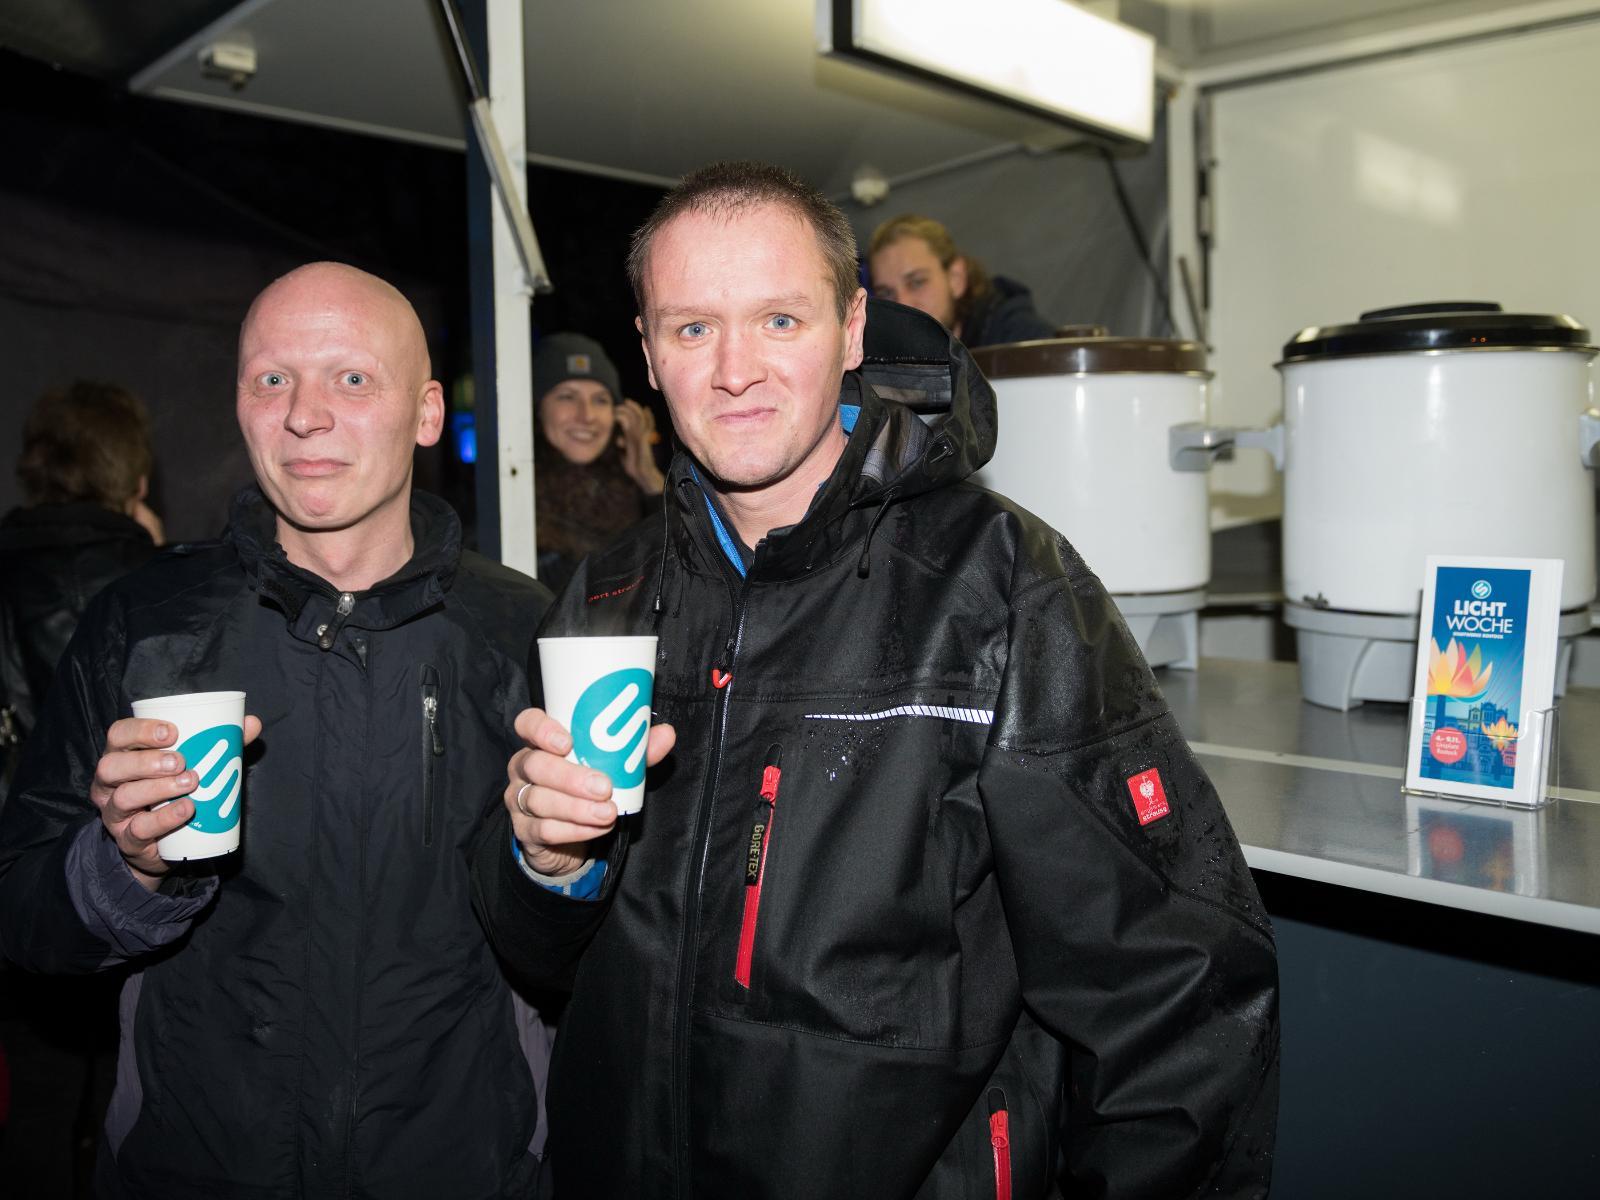 Besucher der Lichtwoche trinken Glühwein für den guten Zweck